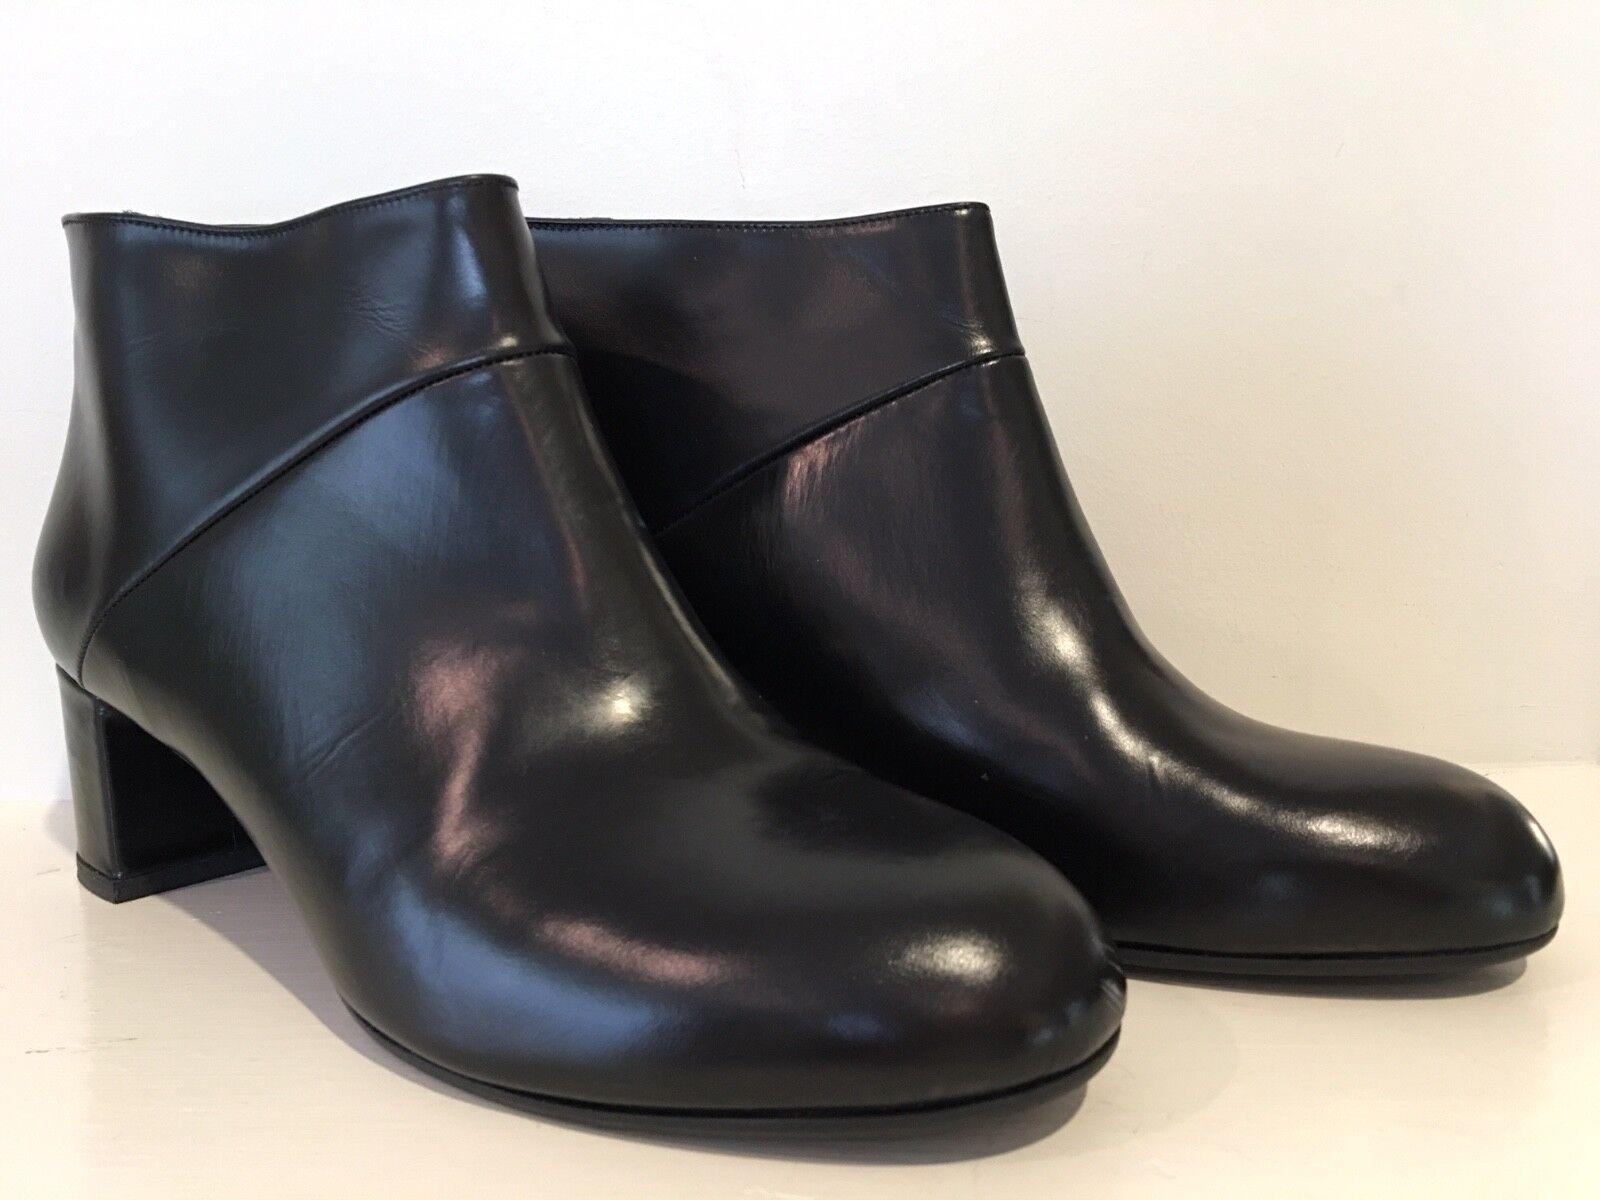 Nuevas botas al Tobillo Marni Marni Marni Cuero Negro, tamaño 41 11  ahorra hasta un 70%